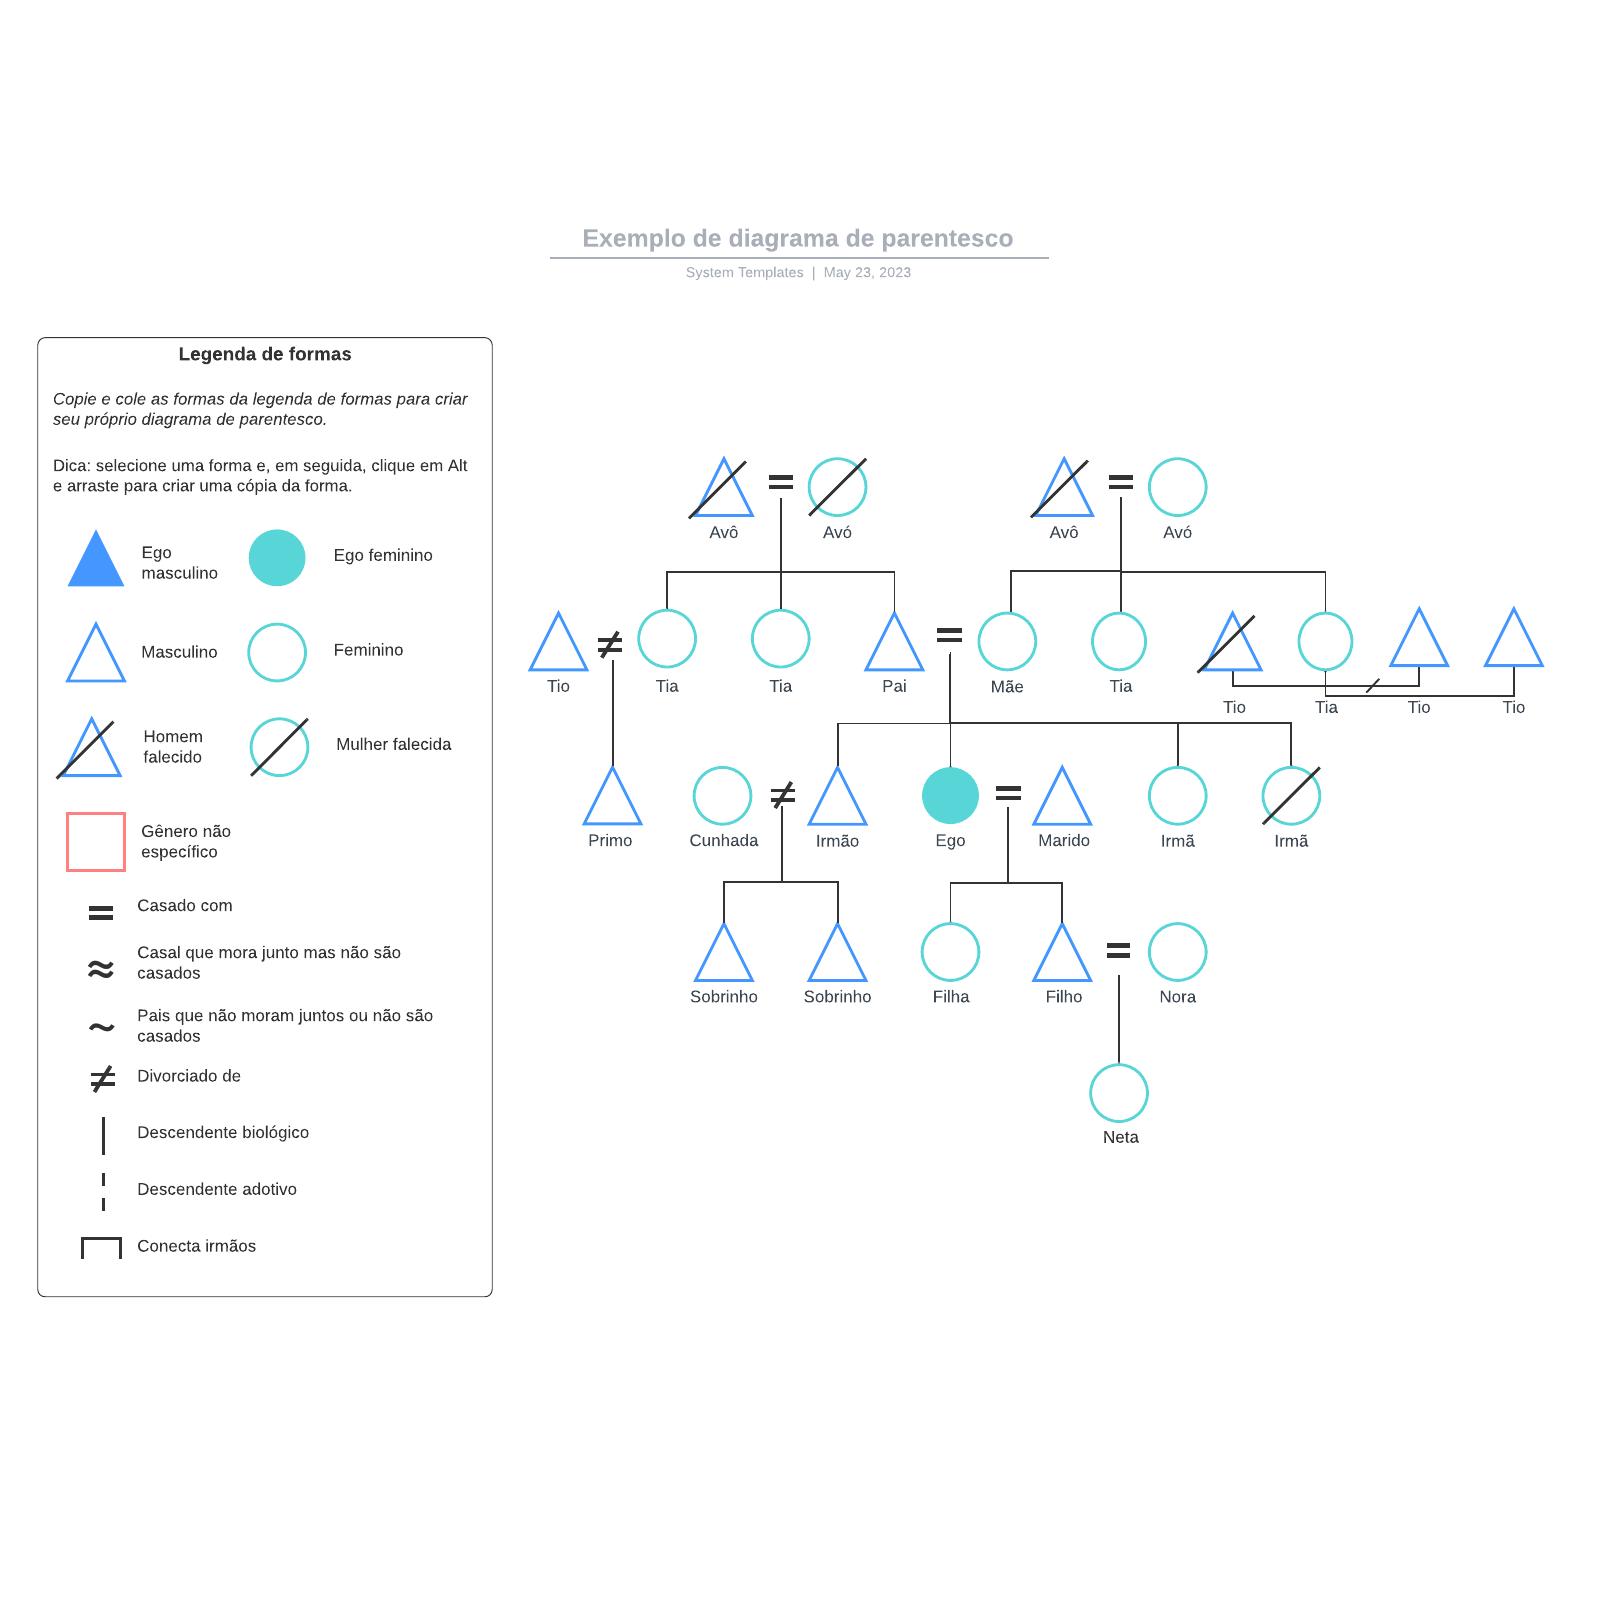 Exemplo de diagrama de parentesco